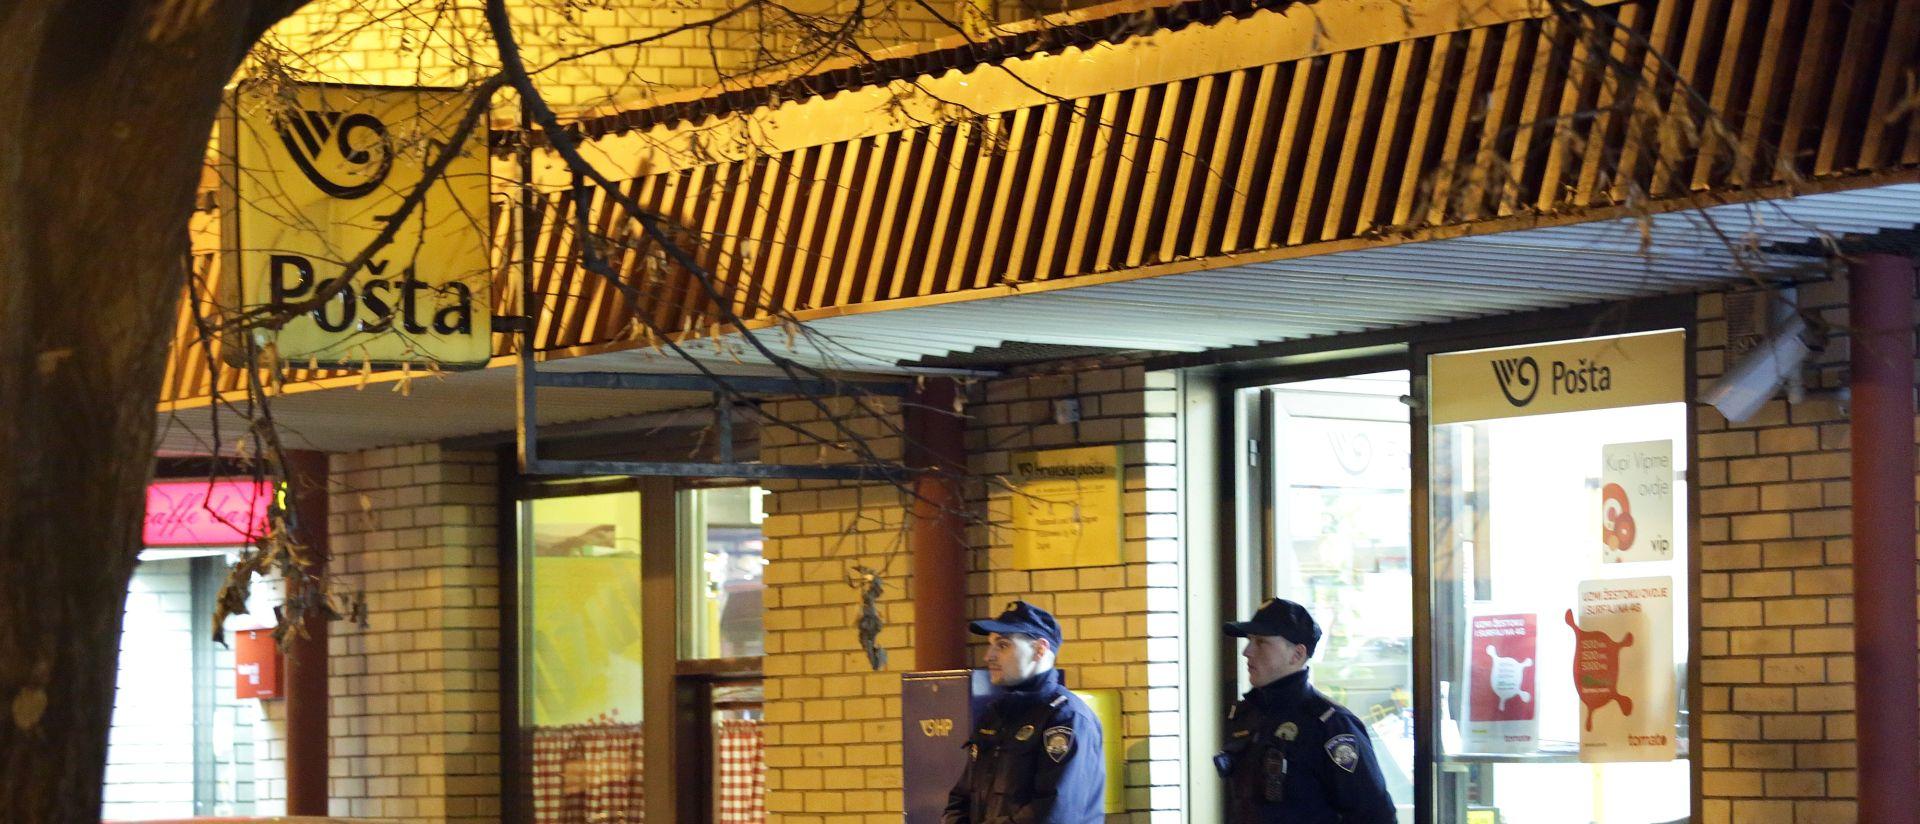 ZAGREB Pod prijetnjom vatrenim oružjem opljačkao poštu